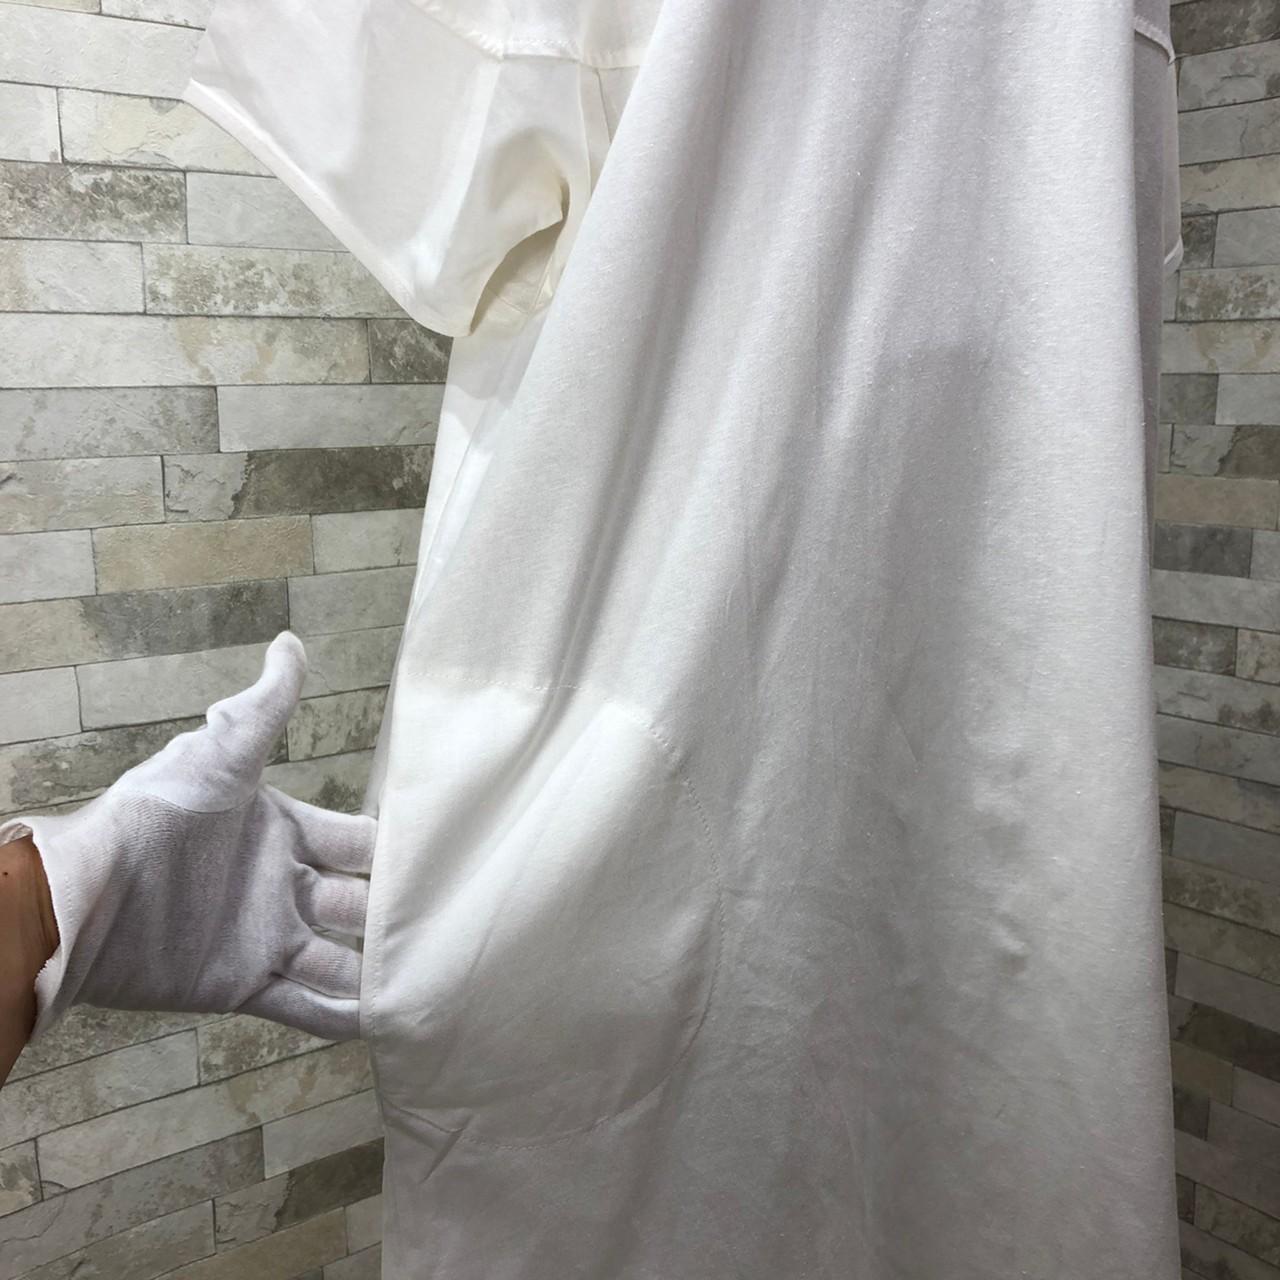 韓国 ファッション ワンピース 春 夏 カジュアル PTXI416  袖コンシャス ゆったり 体型カバー ラフ オルチャン シンプル 定番 セレカジの写真5枚目